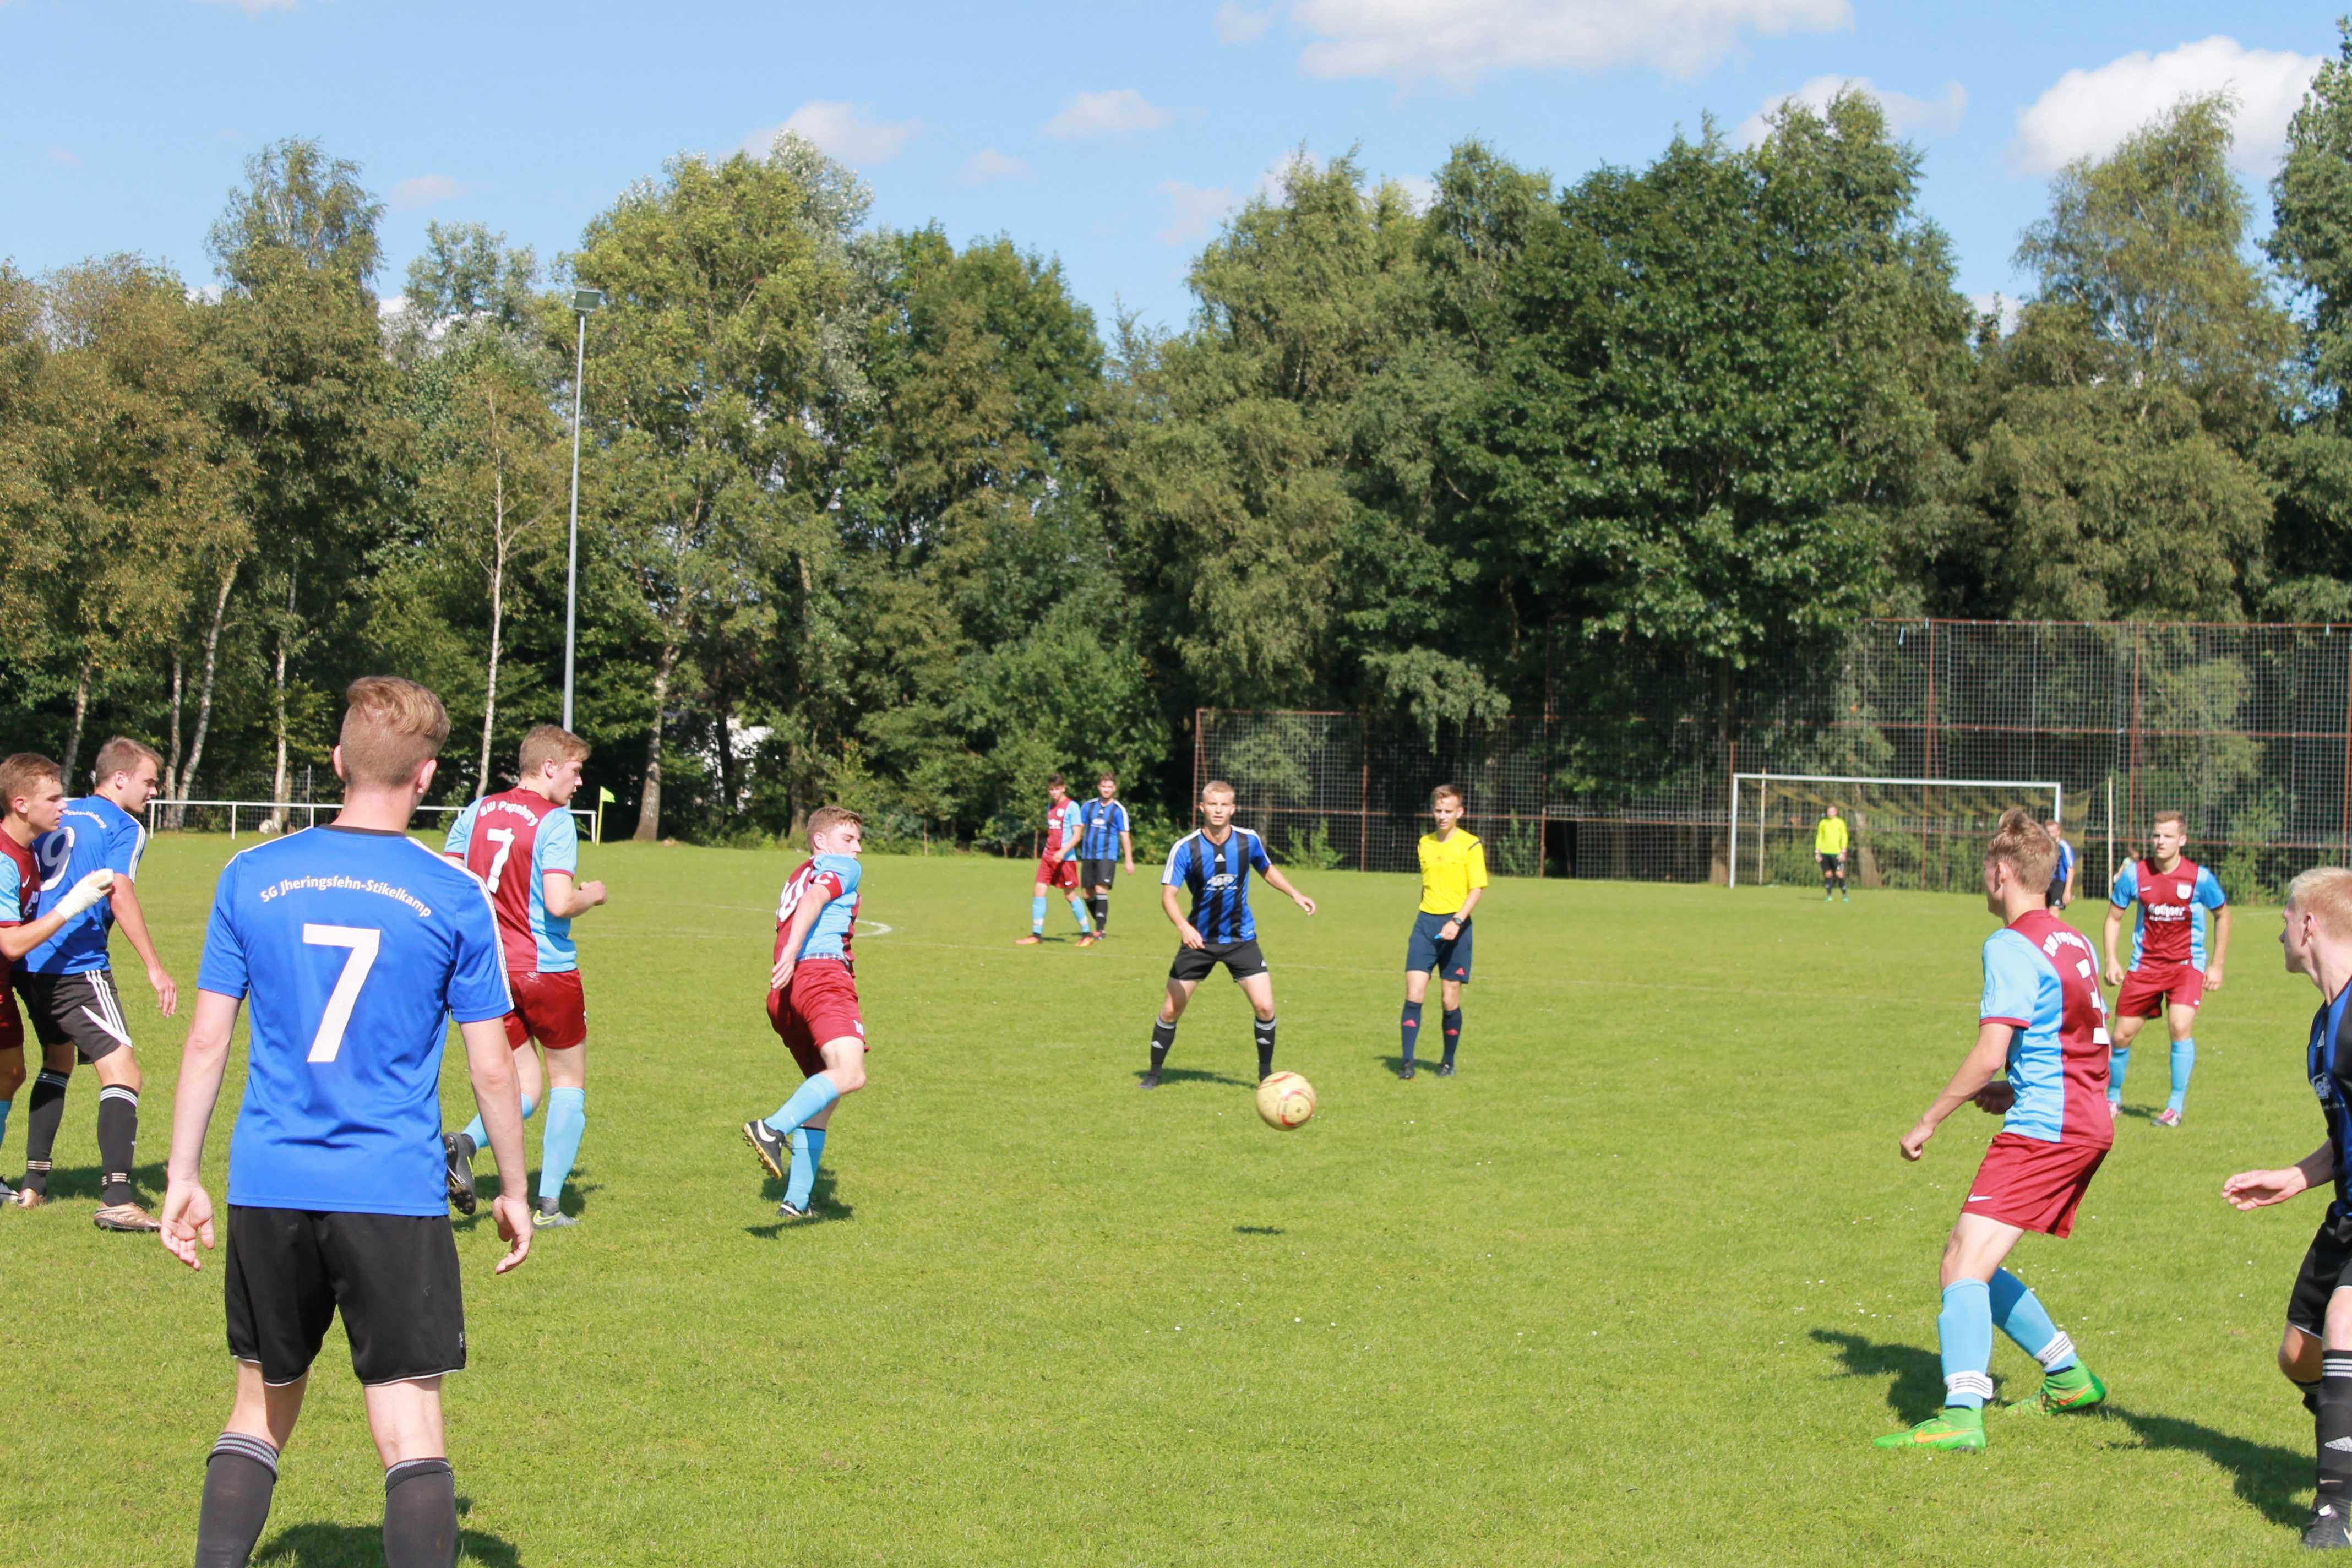 2016-08-06 Sportwoche - zweiter Samstag (4)